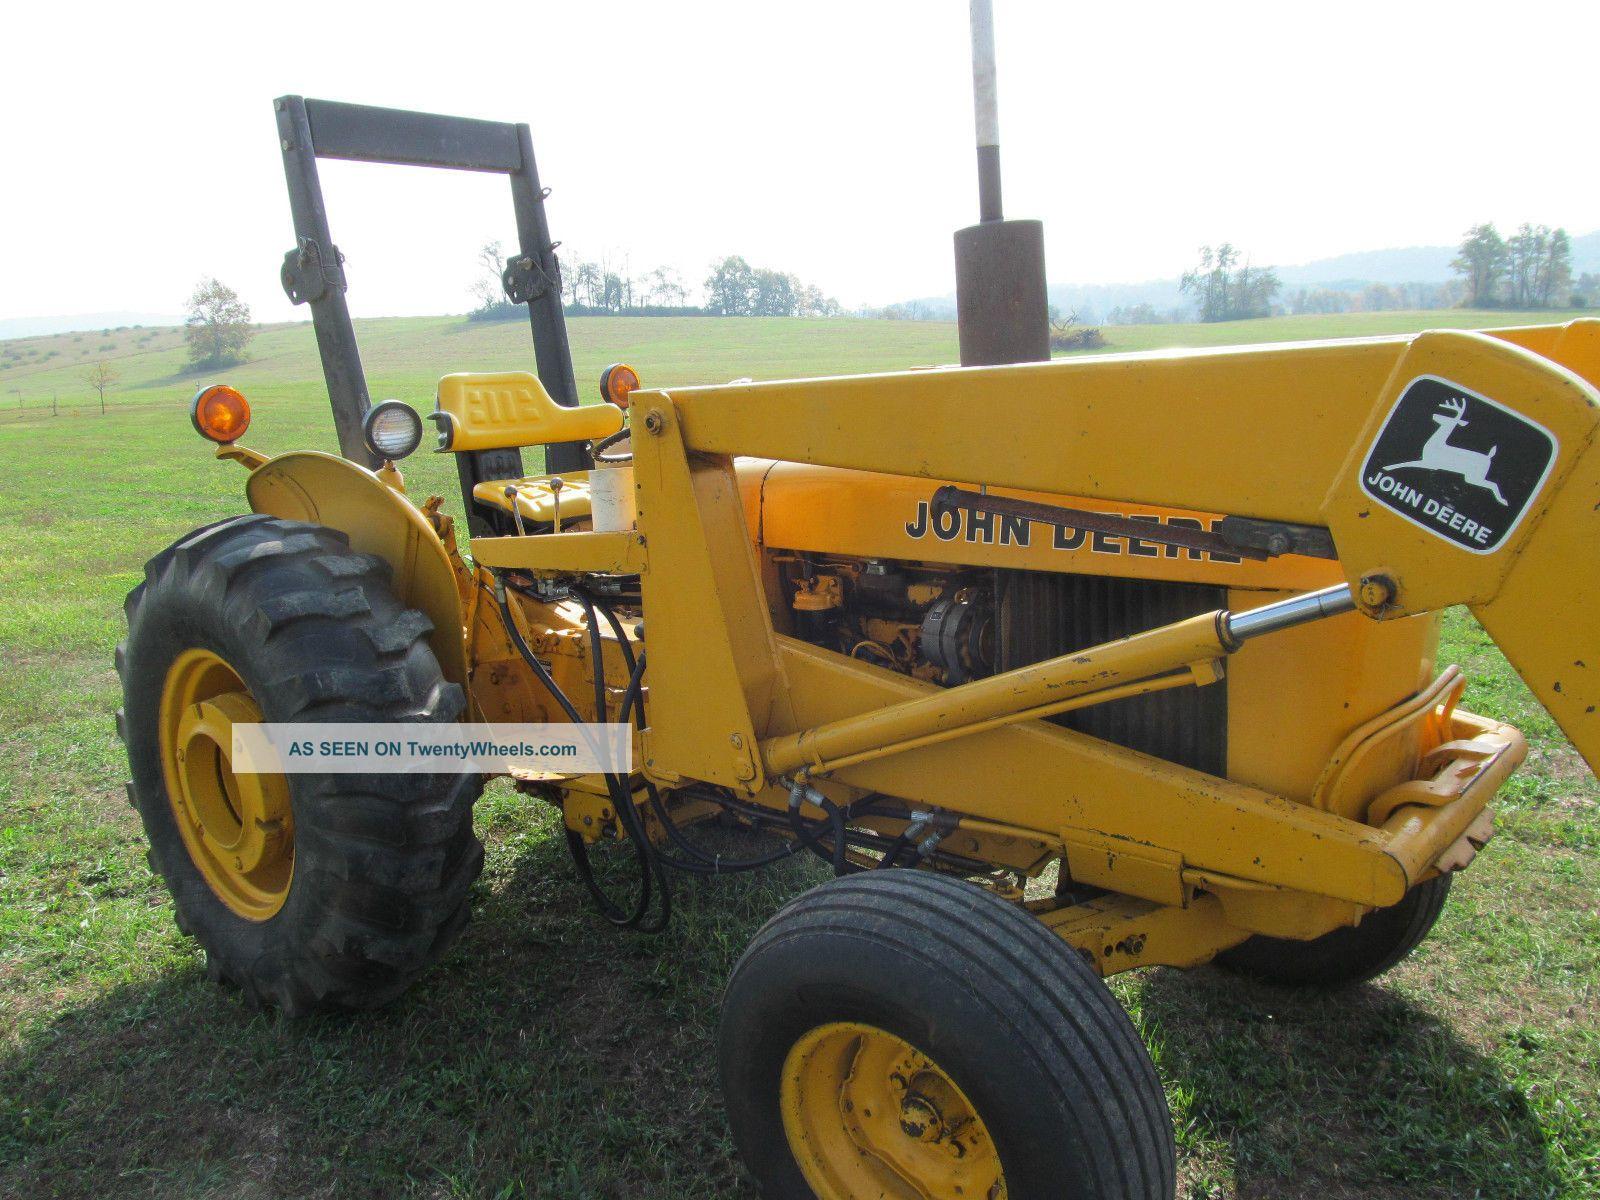 John Deere 301 A Industrial Tractor Loader 43 Hp Diesel Gear Hydro  #AA7621